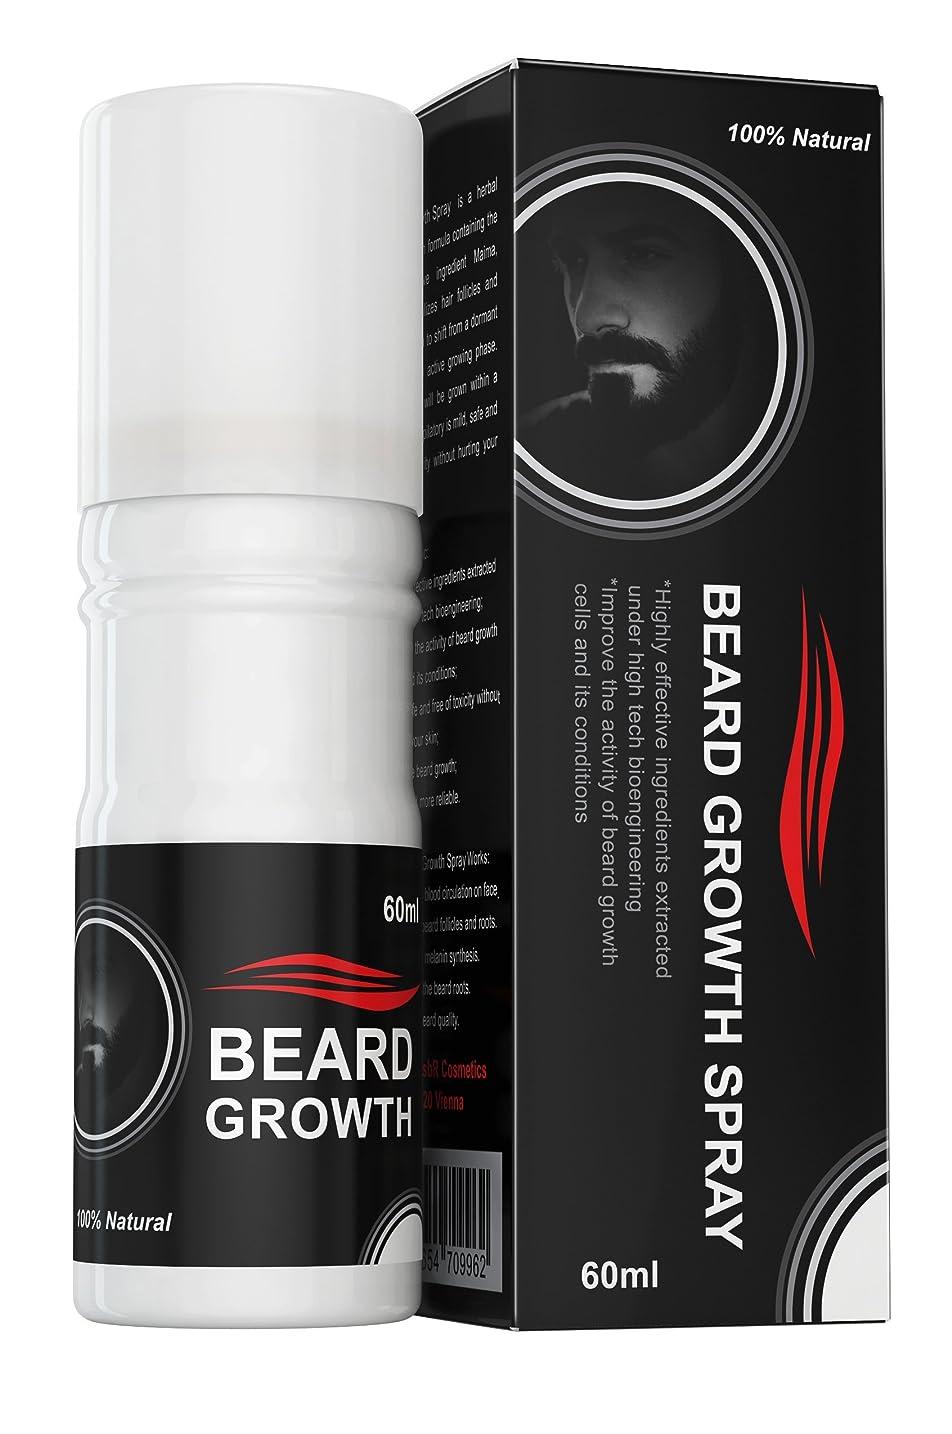 カテナ模索従事したBeard Growth Spray?(ベアードグロースプレー?)- ヒゲの育毛剤 - 100%天然成分使用